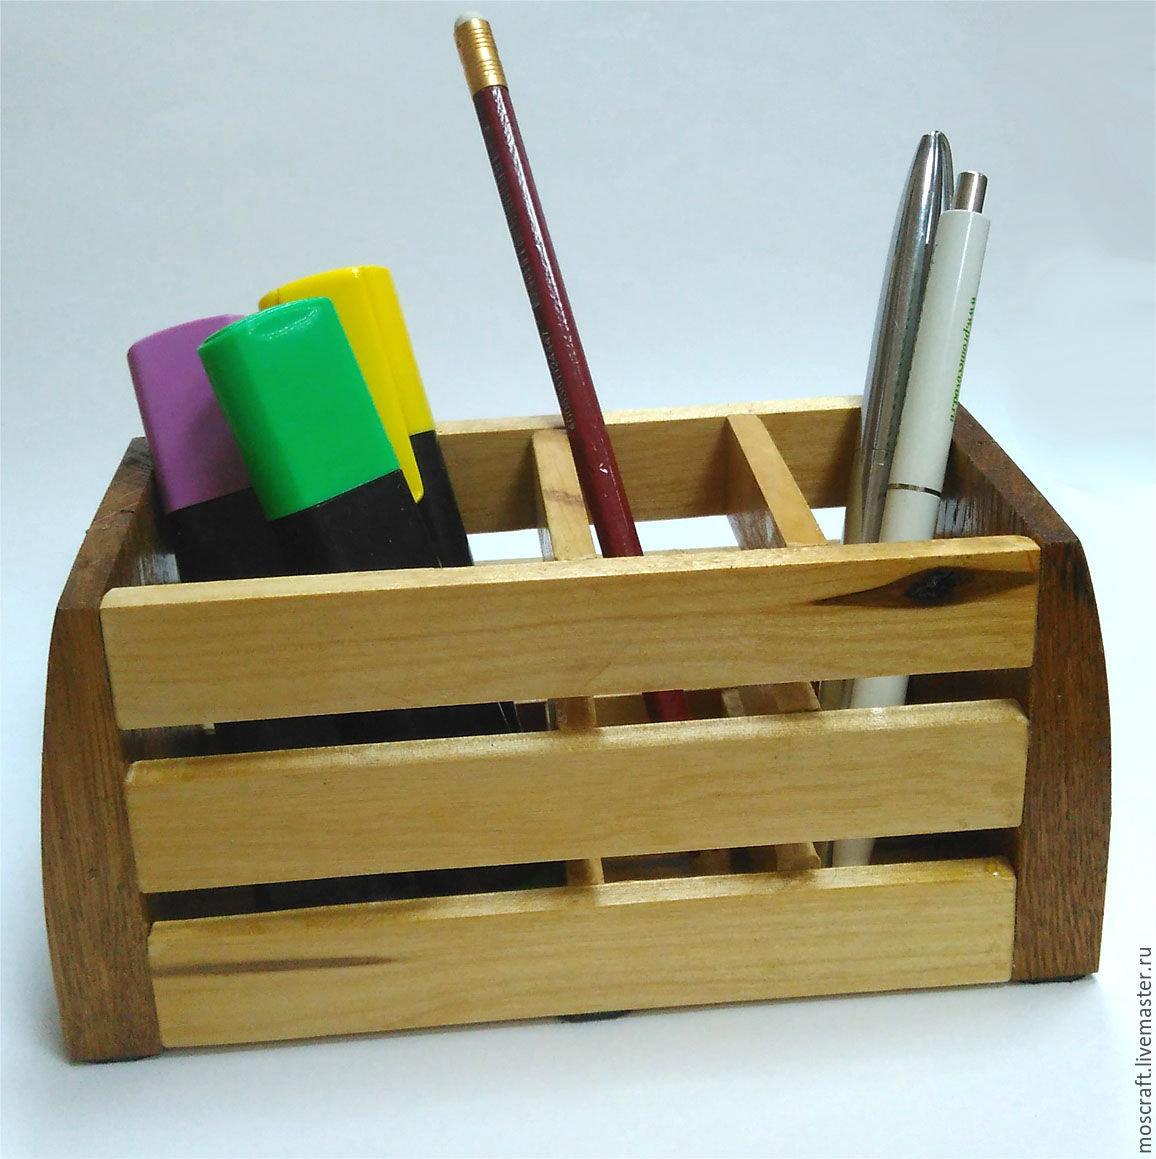 отмеченные, картинки подставок для ручек и карандашей нетронутой природы встречают